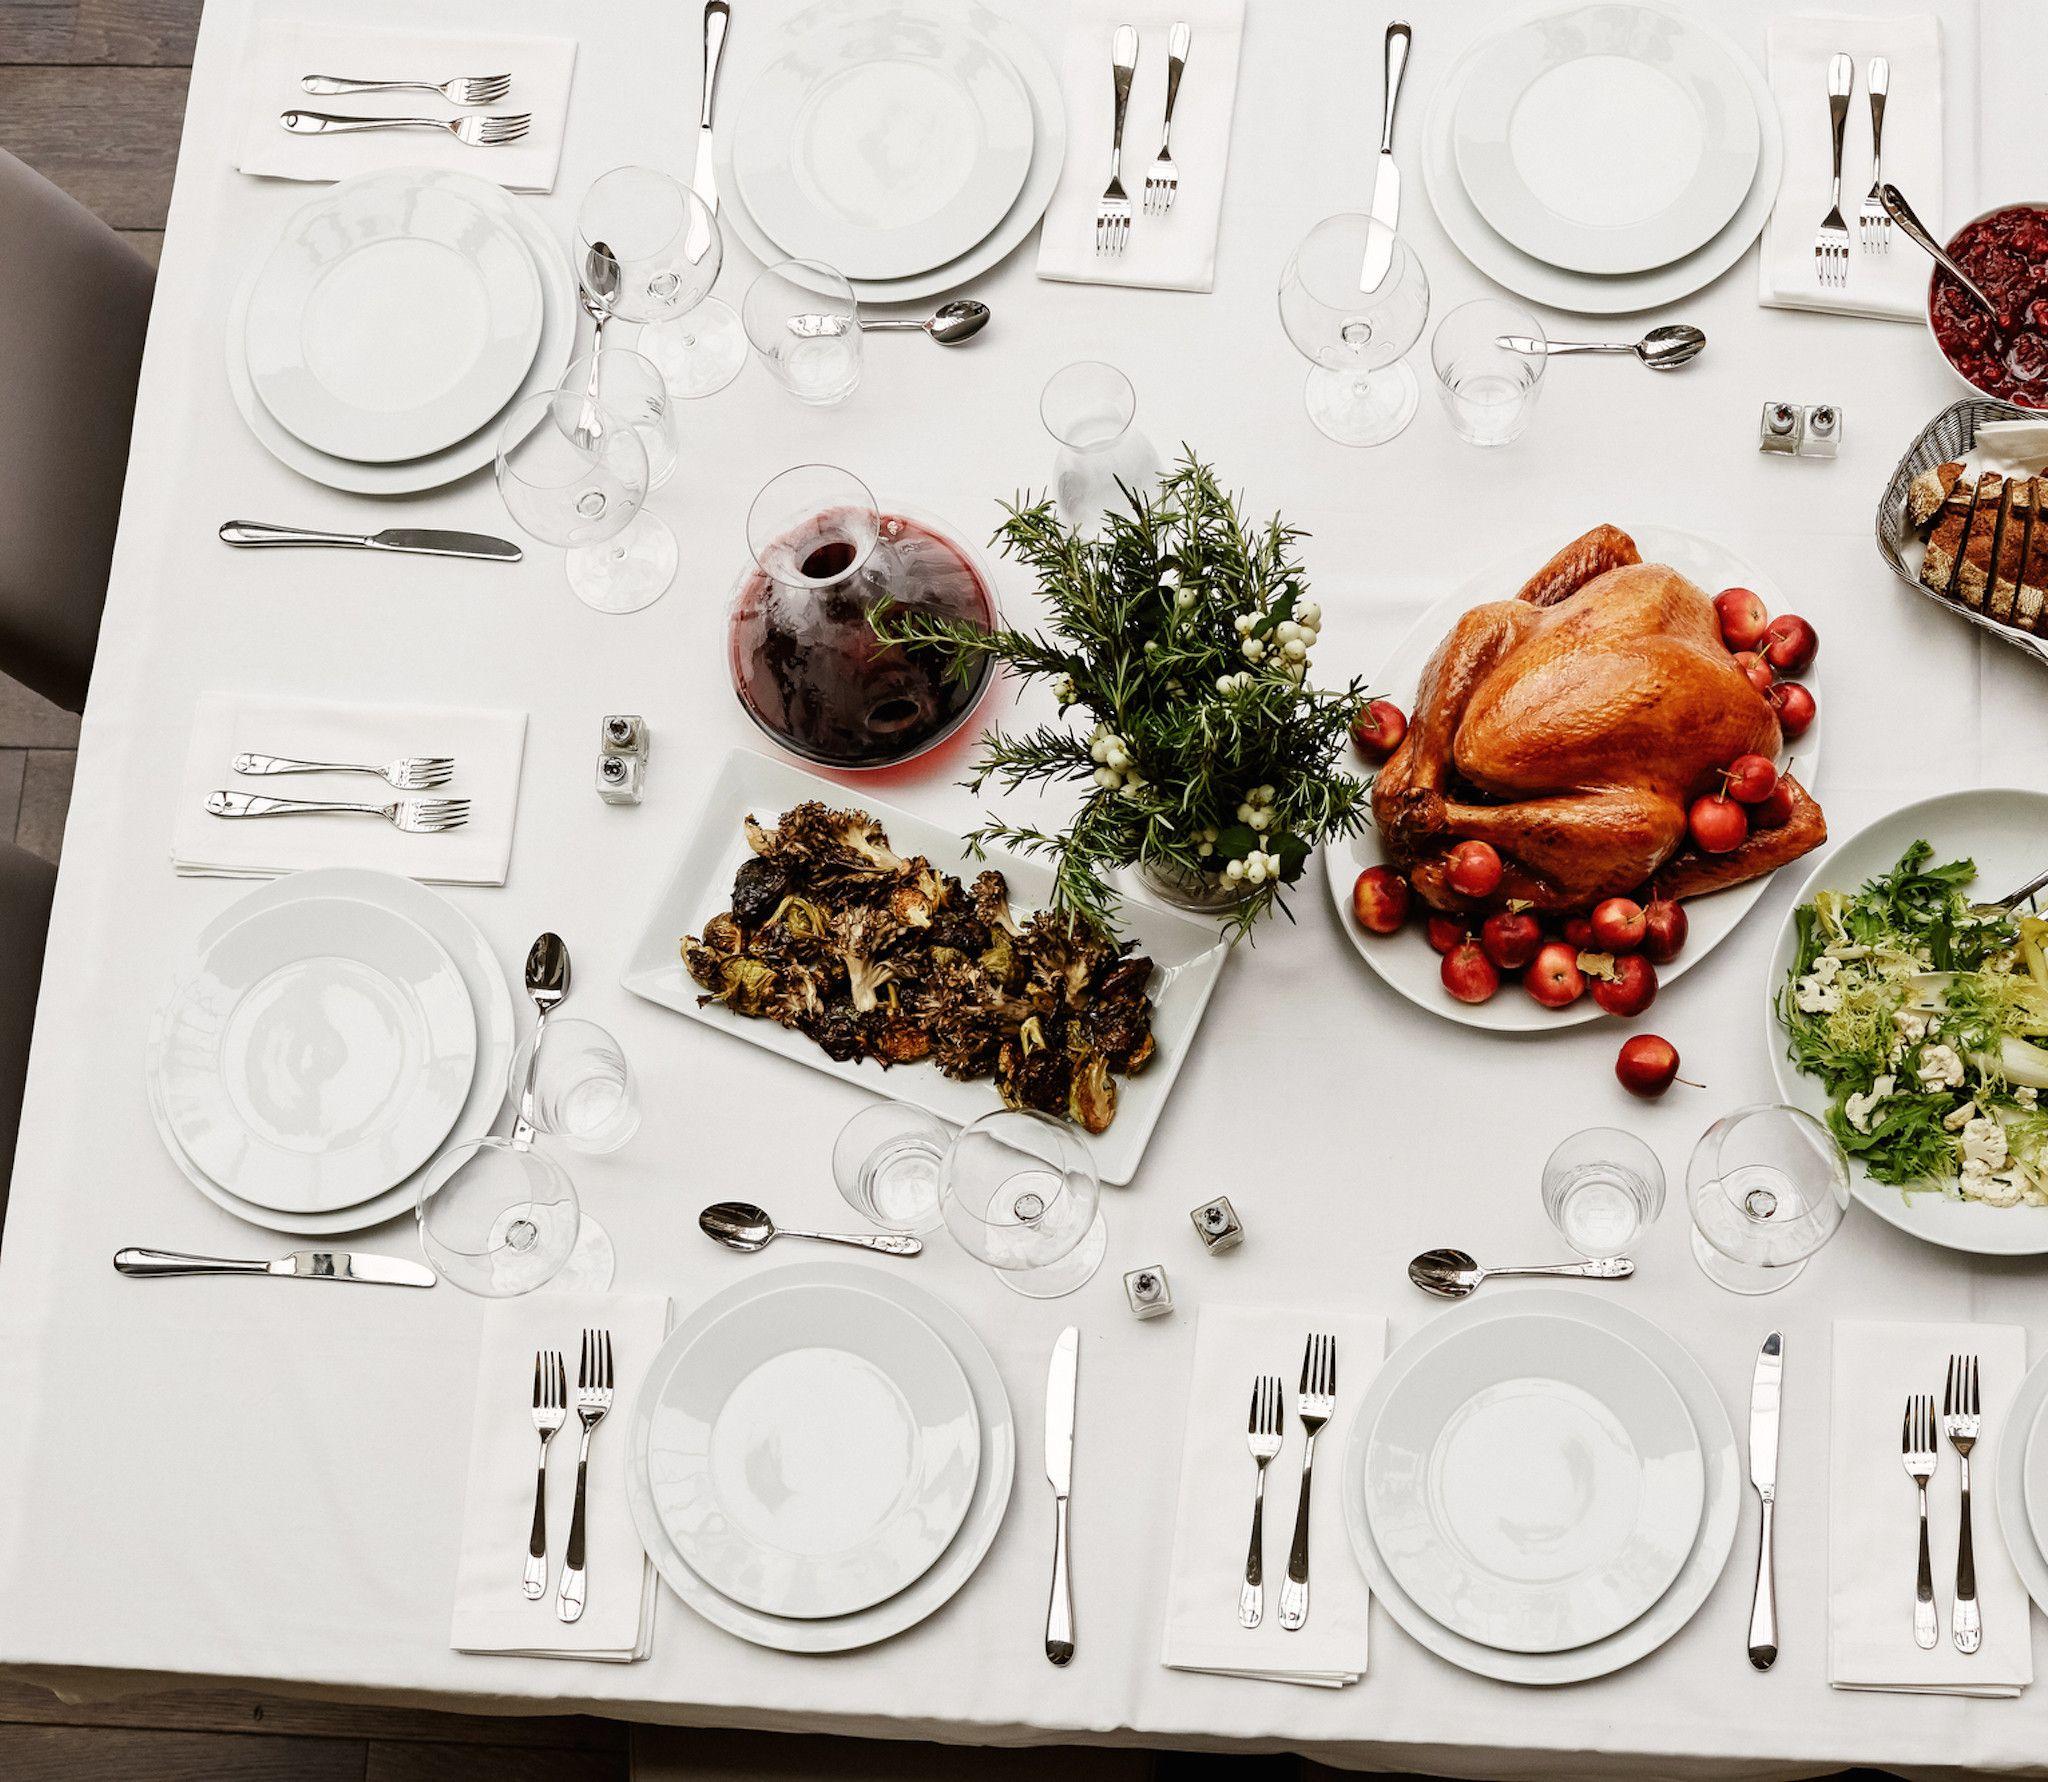 sc 1 st  Pinterest & Dinner Plates